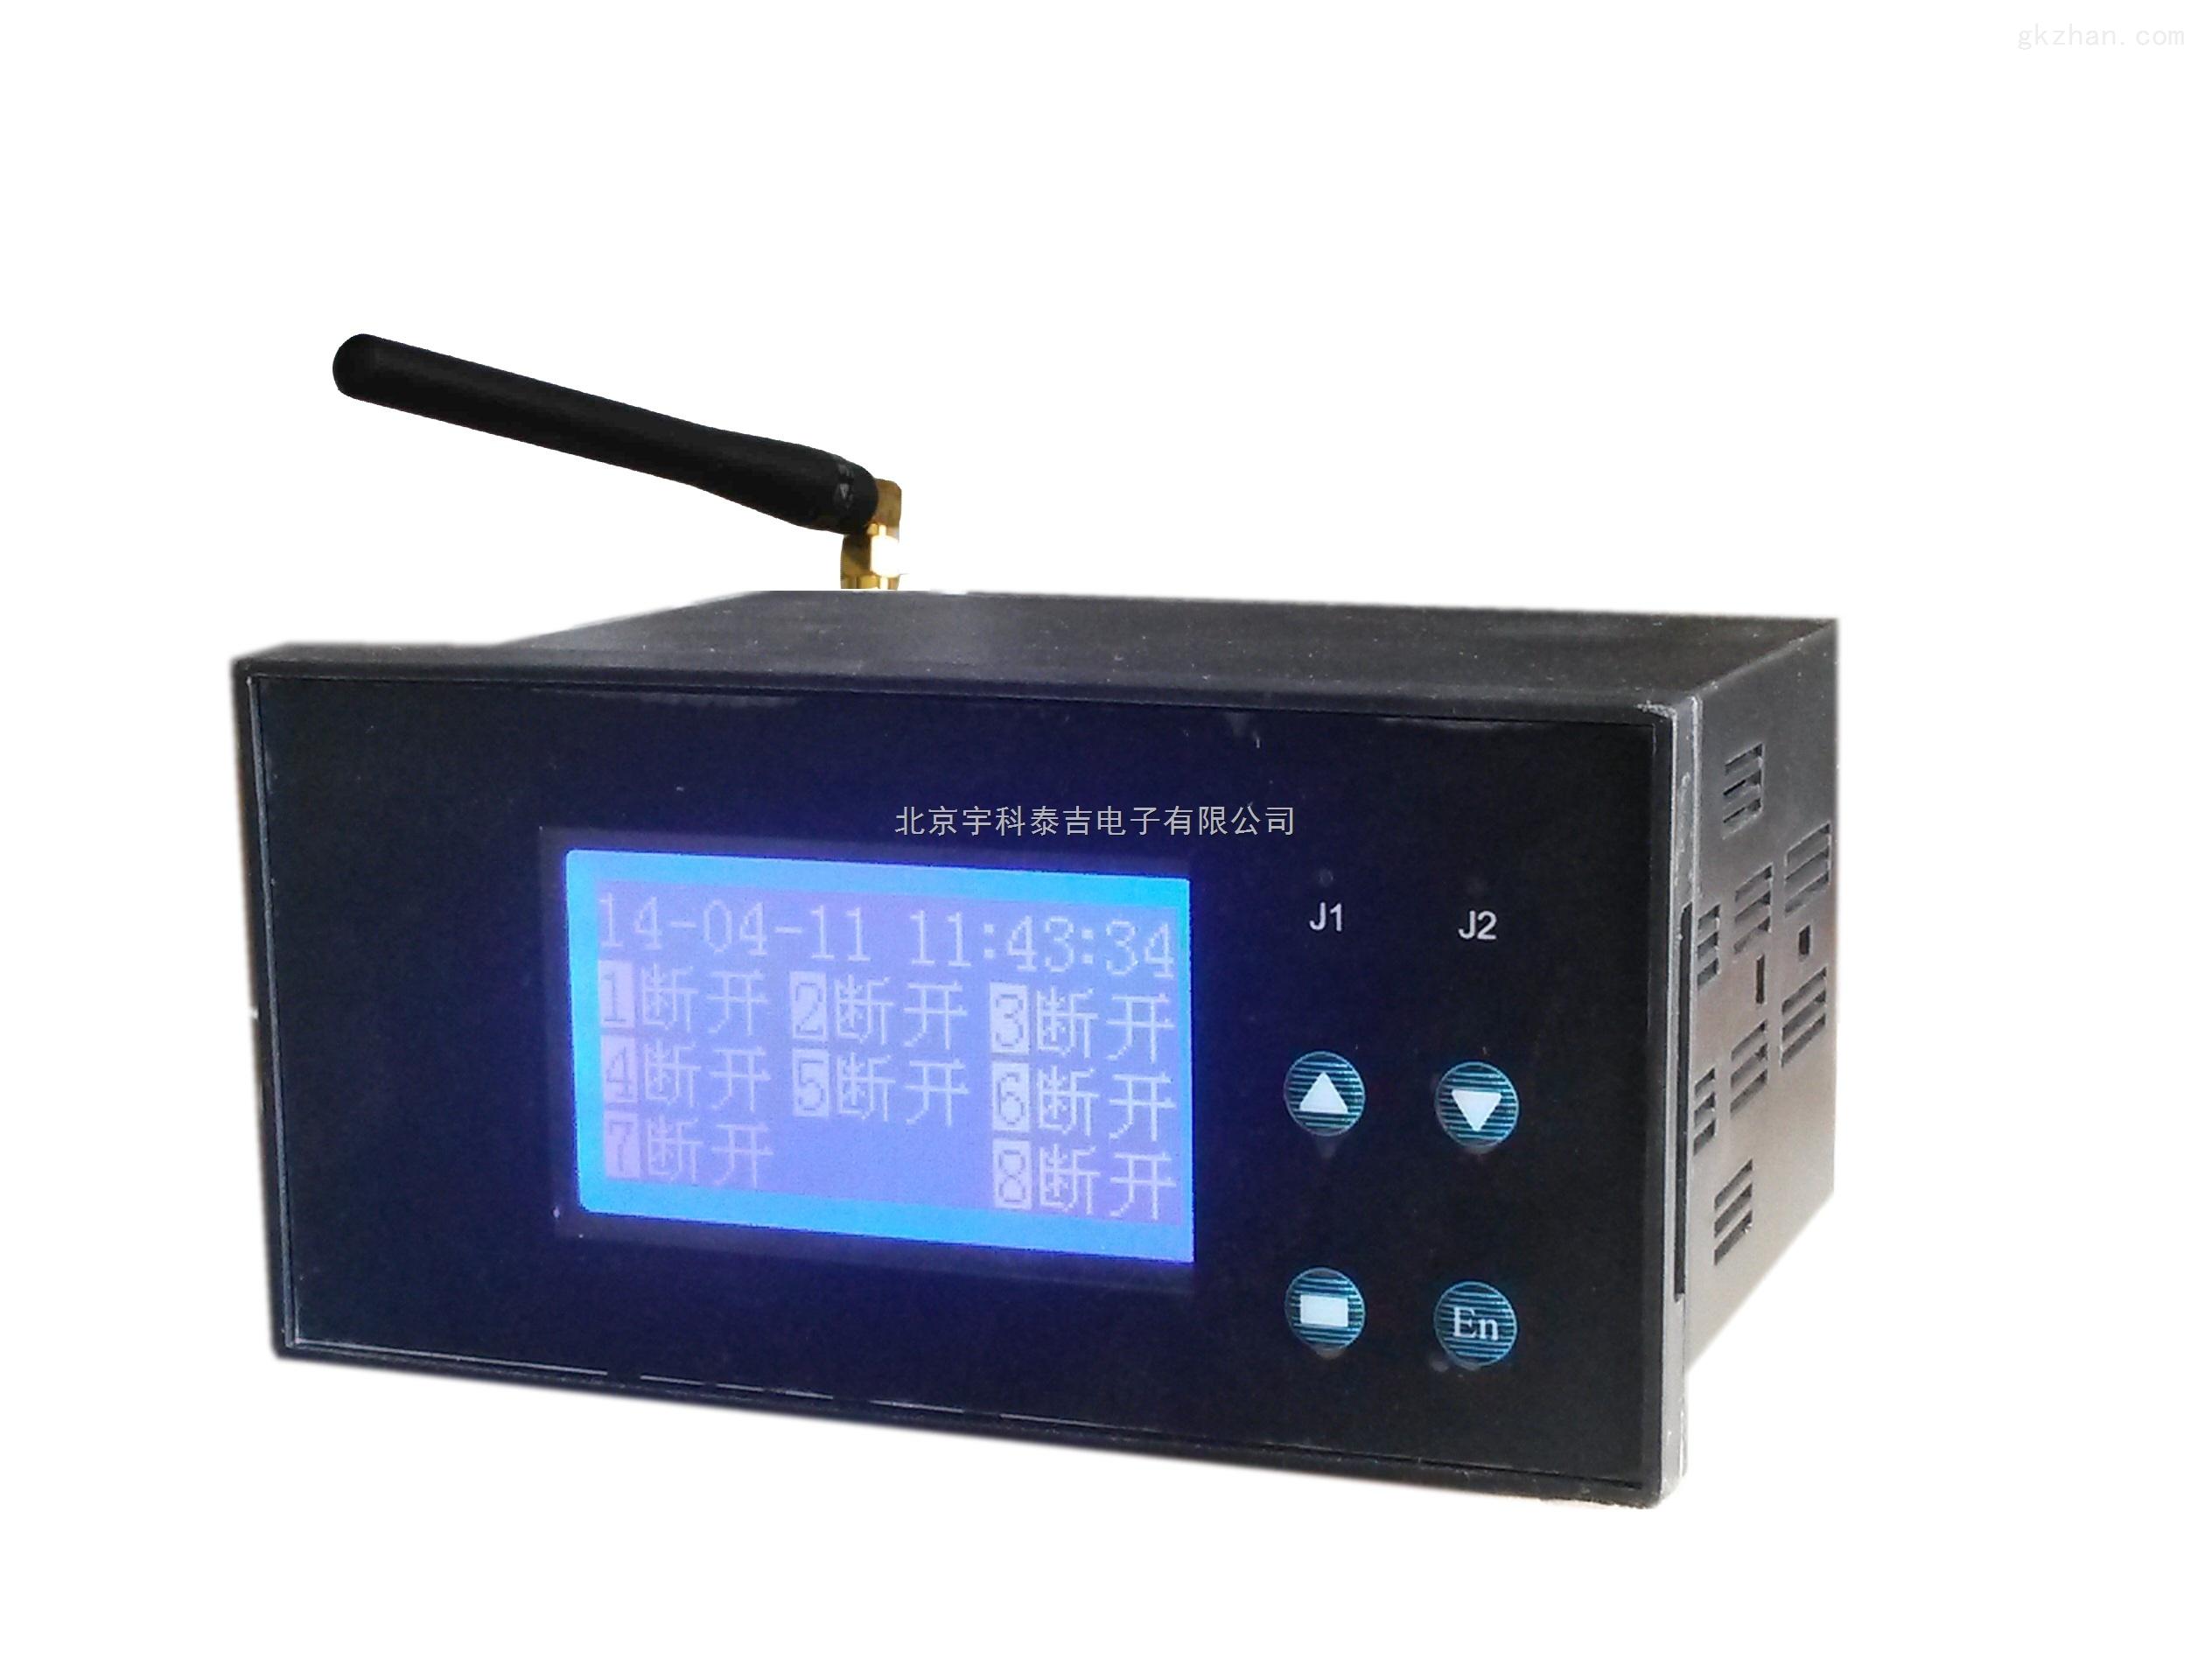 北京宇科泰吉YK-214LCD-WX-U-08智能八通道无线开关量设备运行记录仪